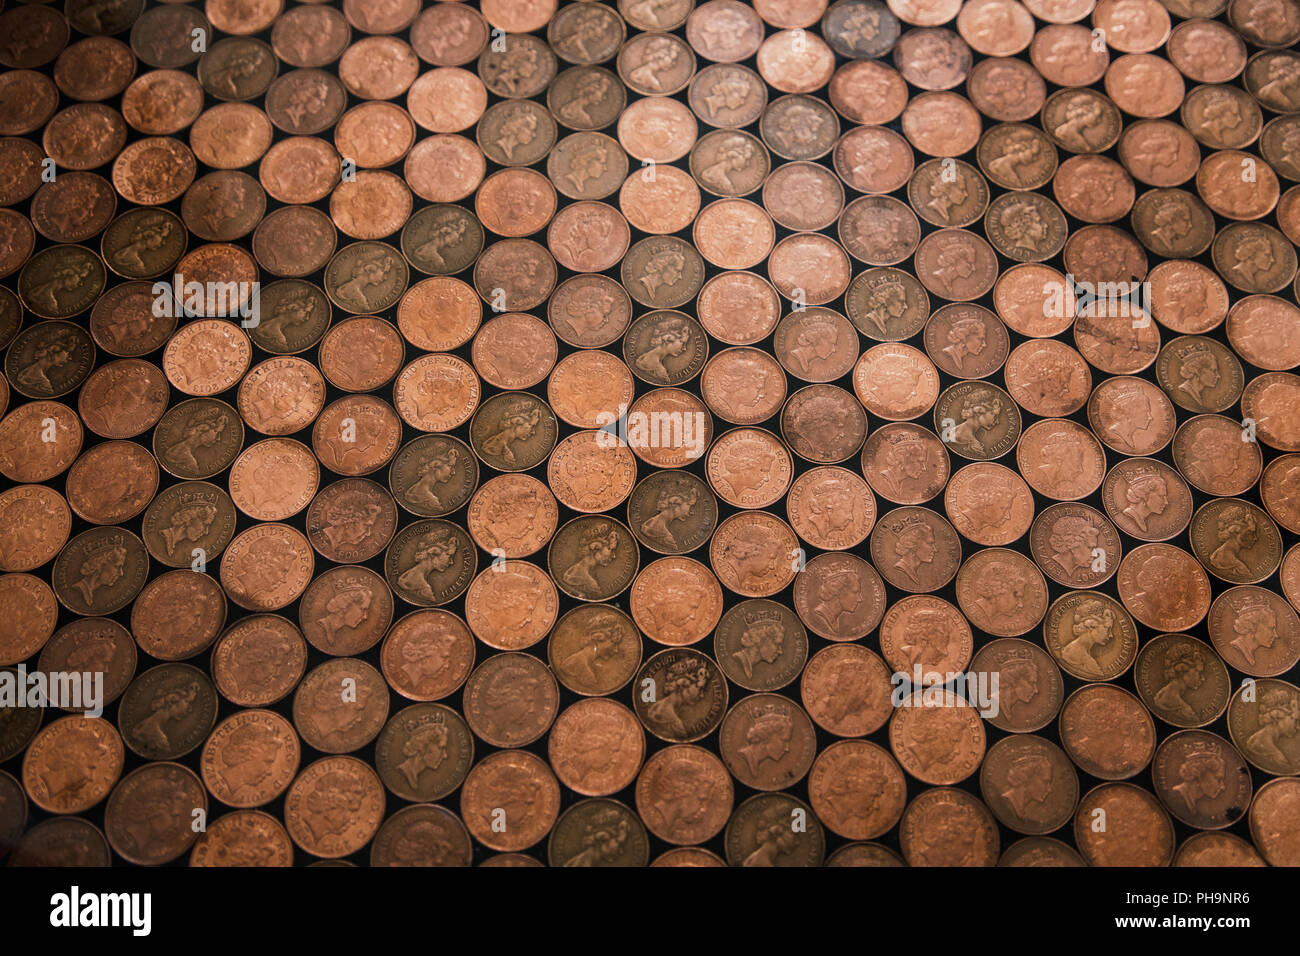 Fußboden Aus Pennys ~ Abstrakte hohen winkel auf einem boden der aus zwei groschen